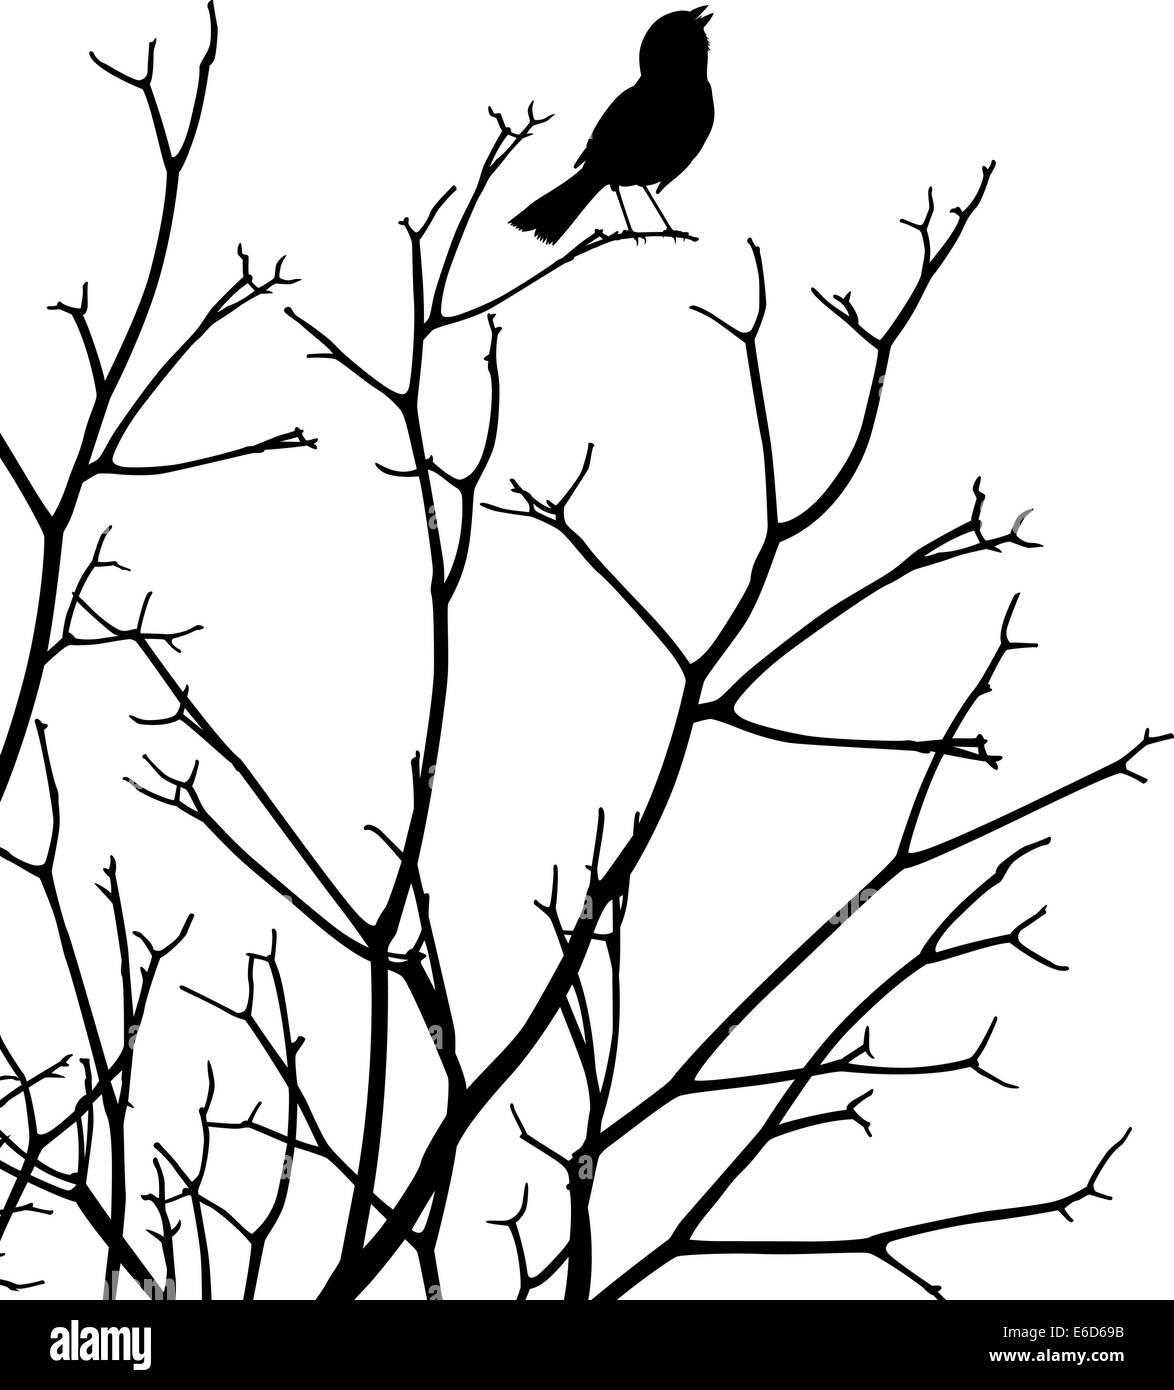 Vettore modificabile silhouette di un uccello canto presso la sommità di un albero nudo Immagini Stock